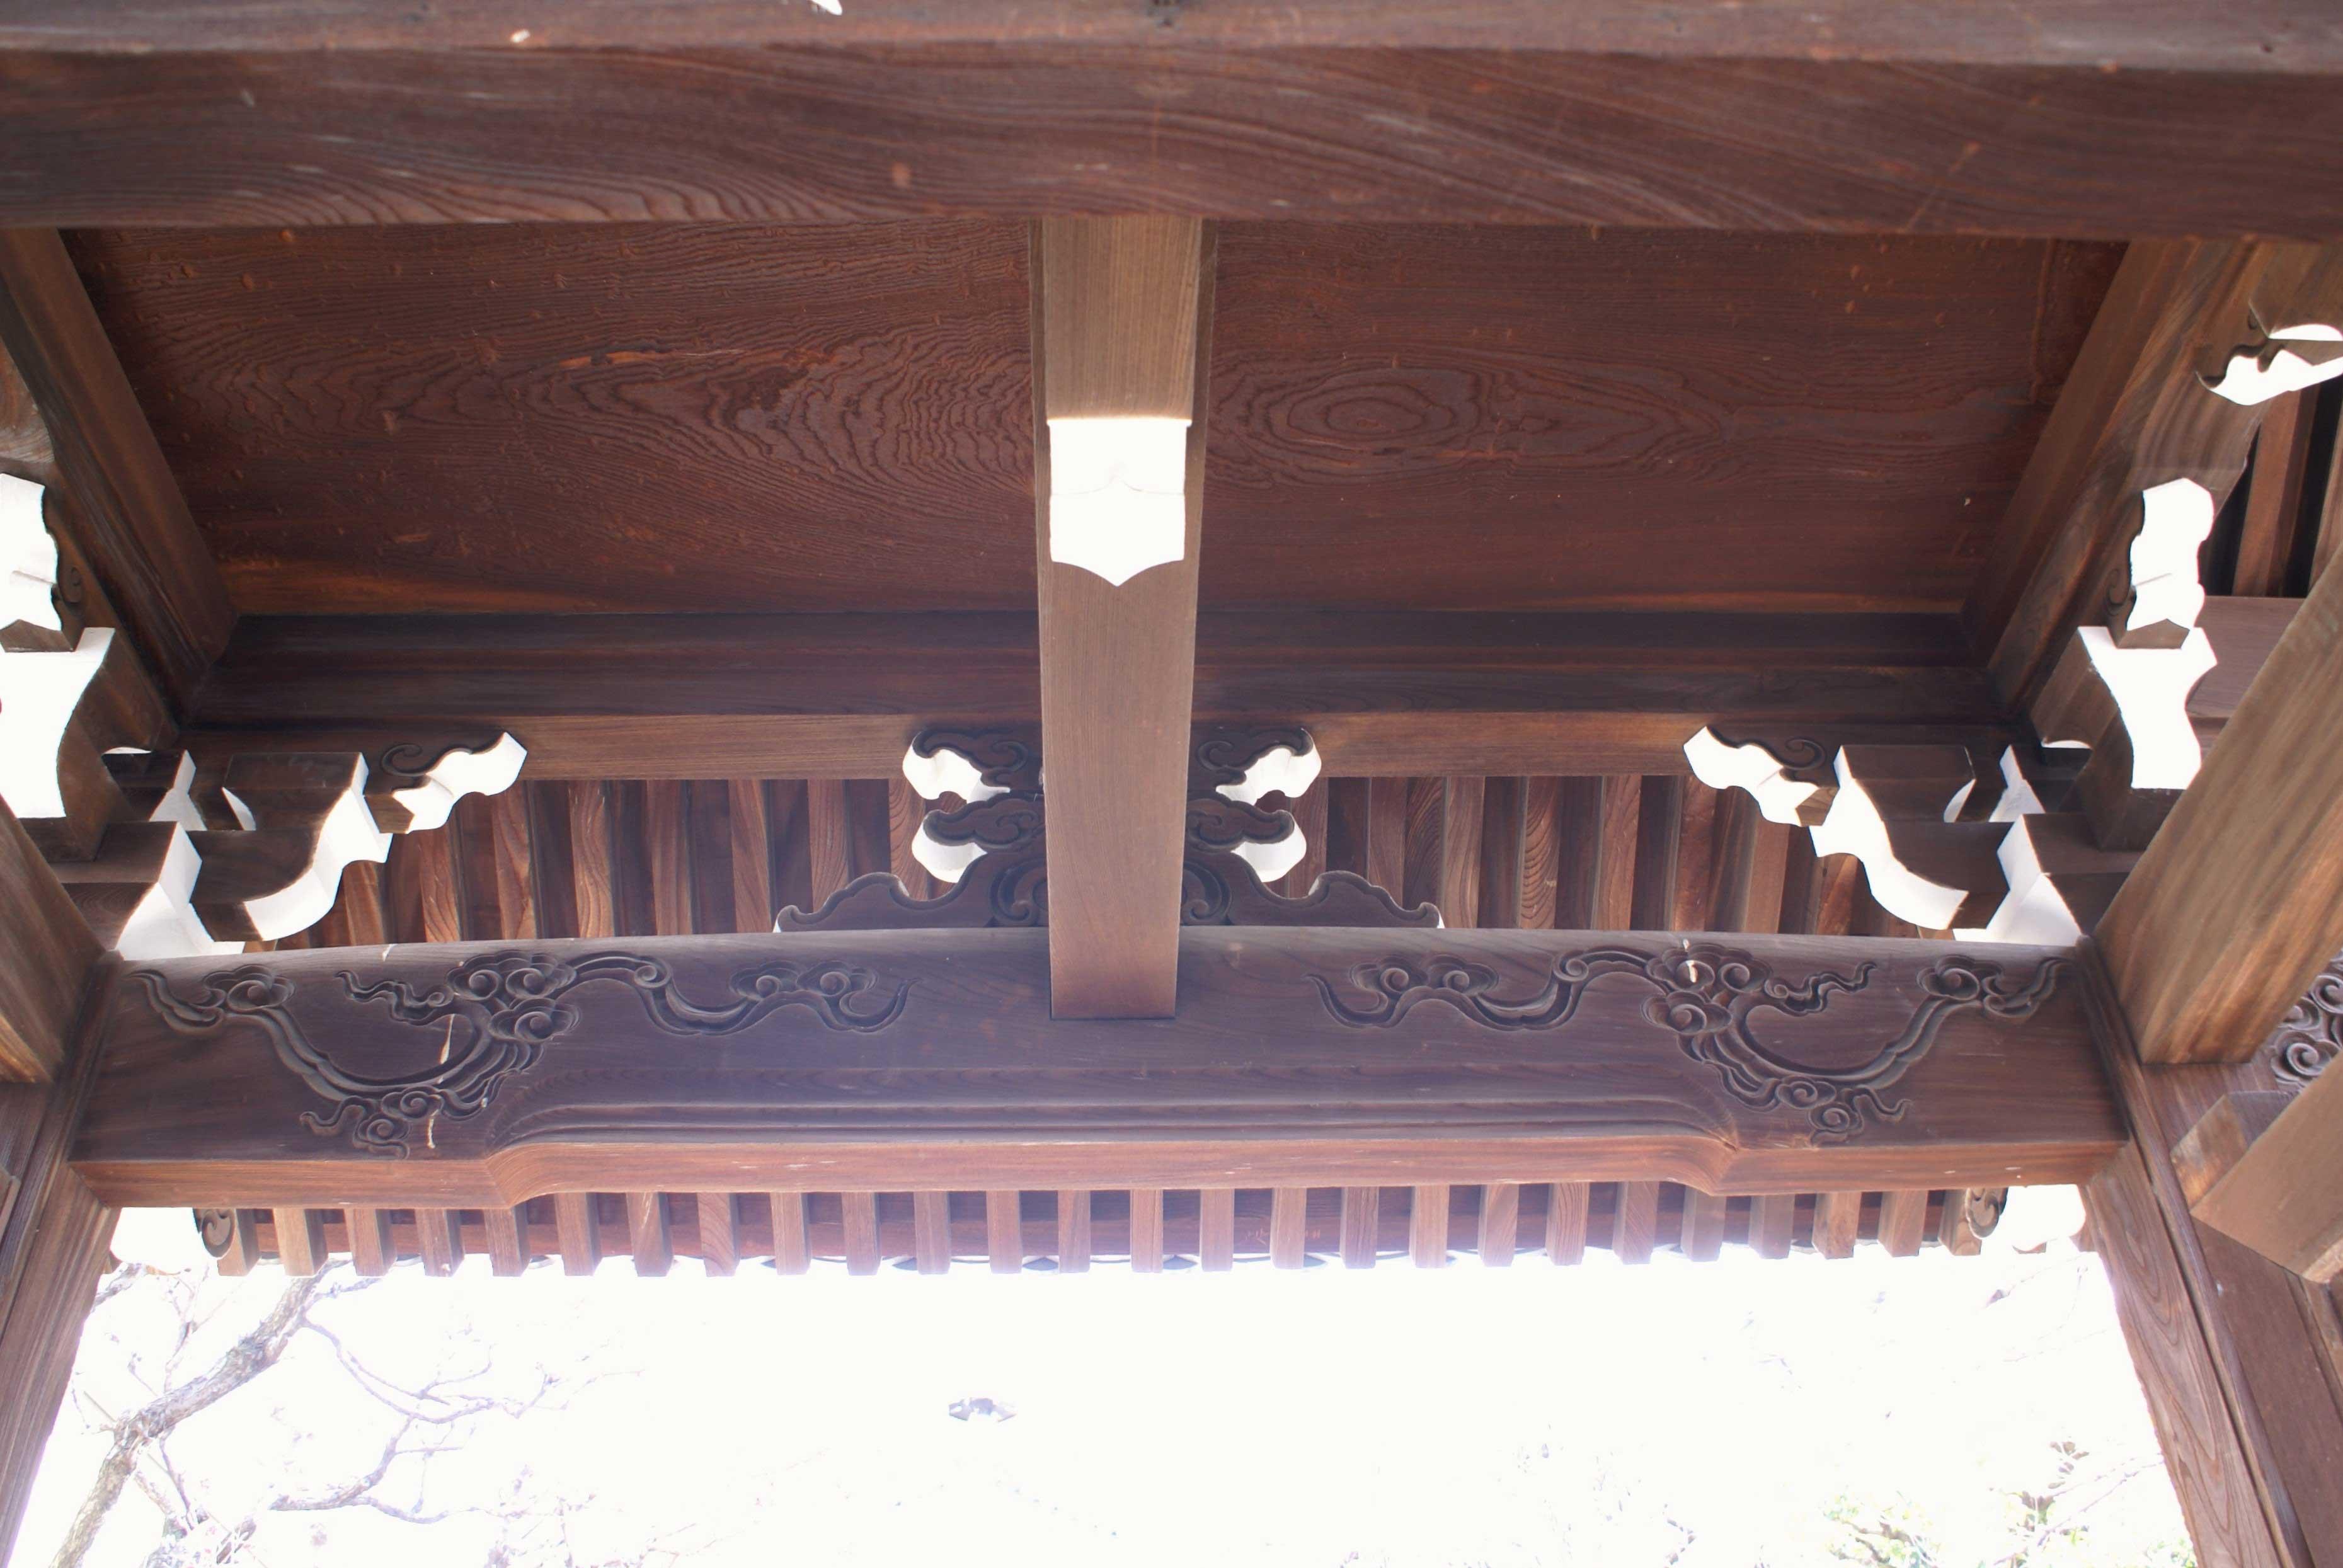 <p>控柱側の見上げ</p>控柱側の見上げ。山門には珍しく欅の天井板が貼られている。破損老朽化した折の門扉のスペアとして、天井に常備されている欅の1枚板。200年前の建立当時の門扉がまだ健在なので未使用の状態である。